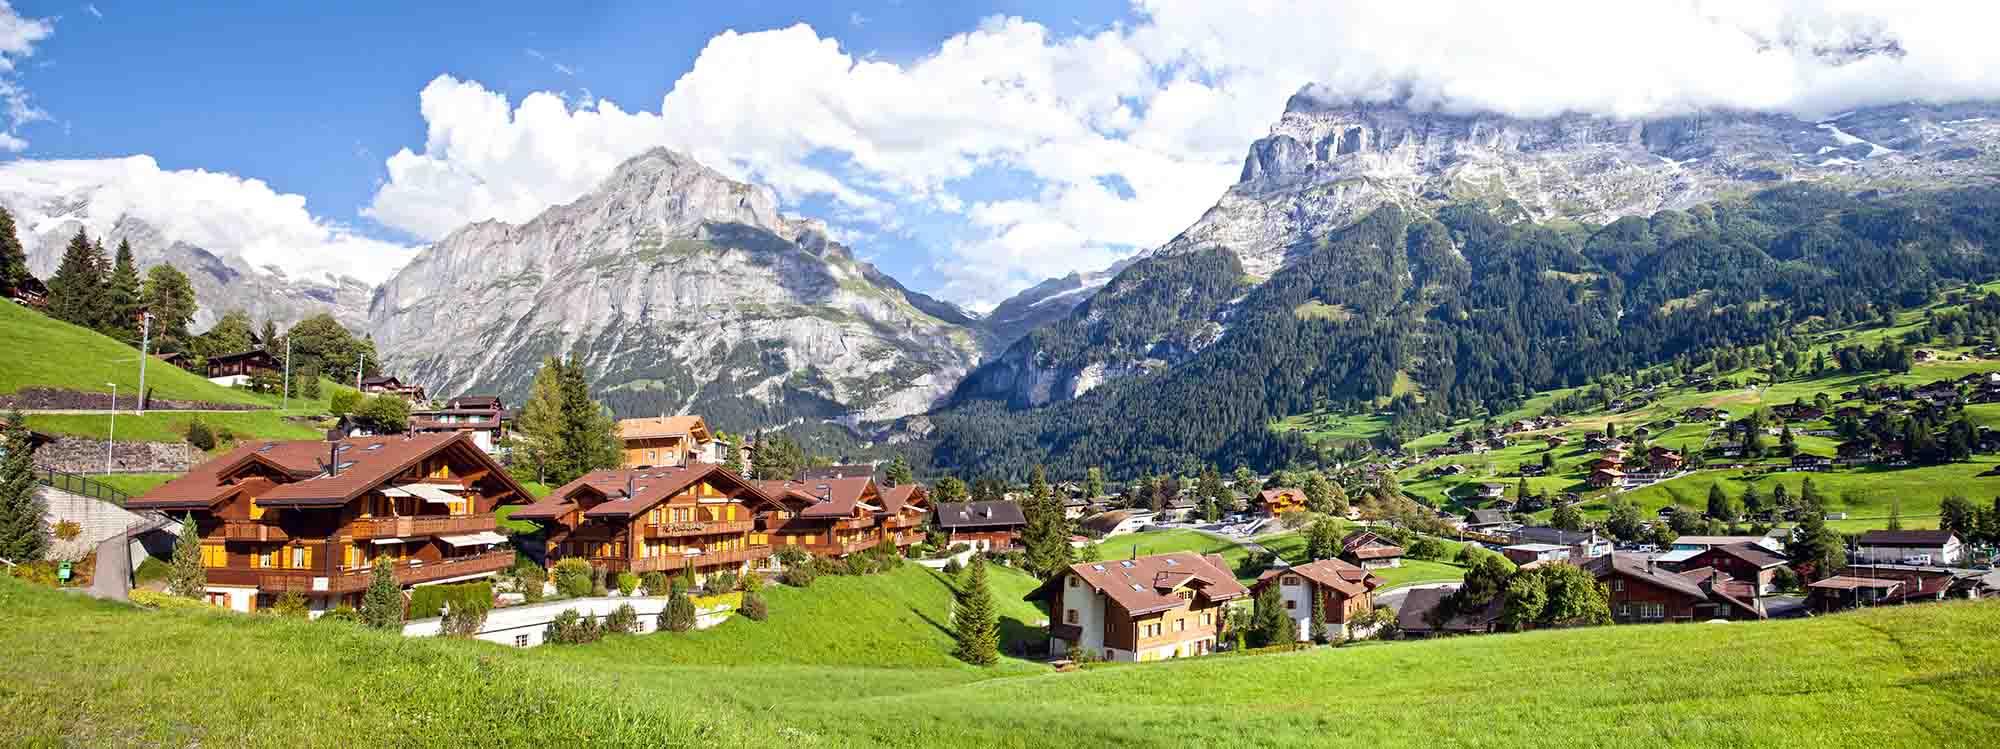 Grindelwald Village - Partenza Travel creates luxury travel packages to Switzerland